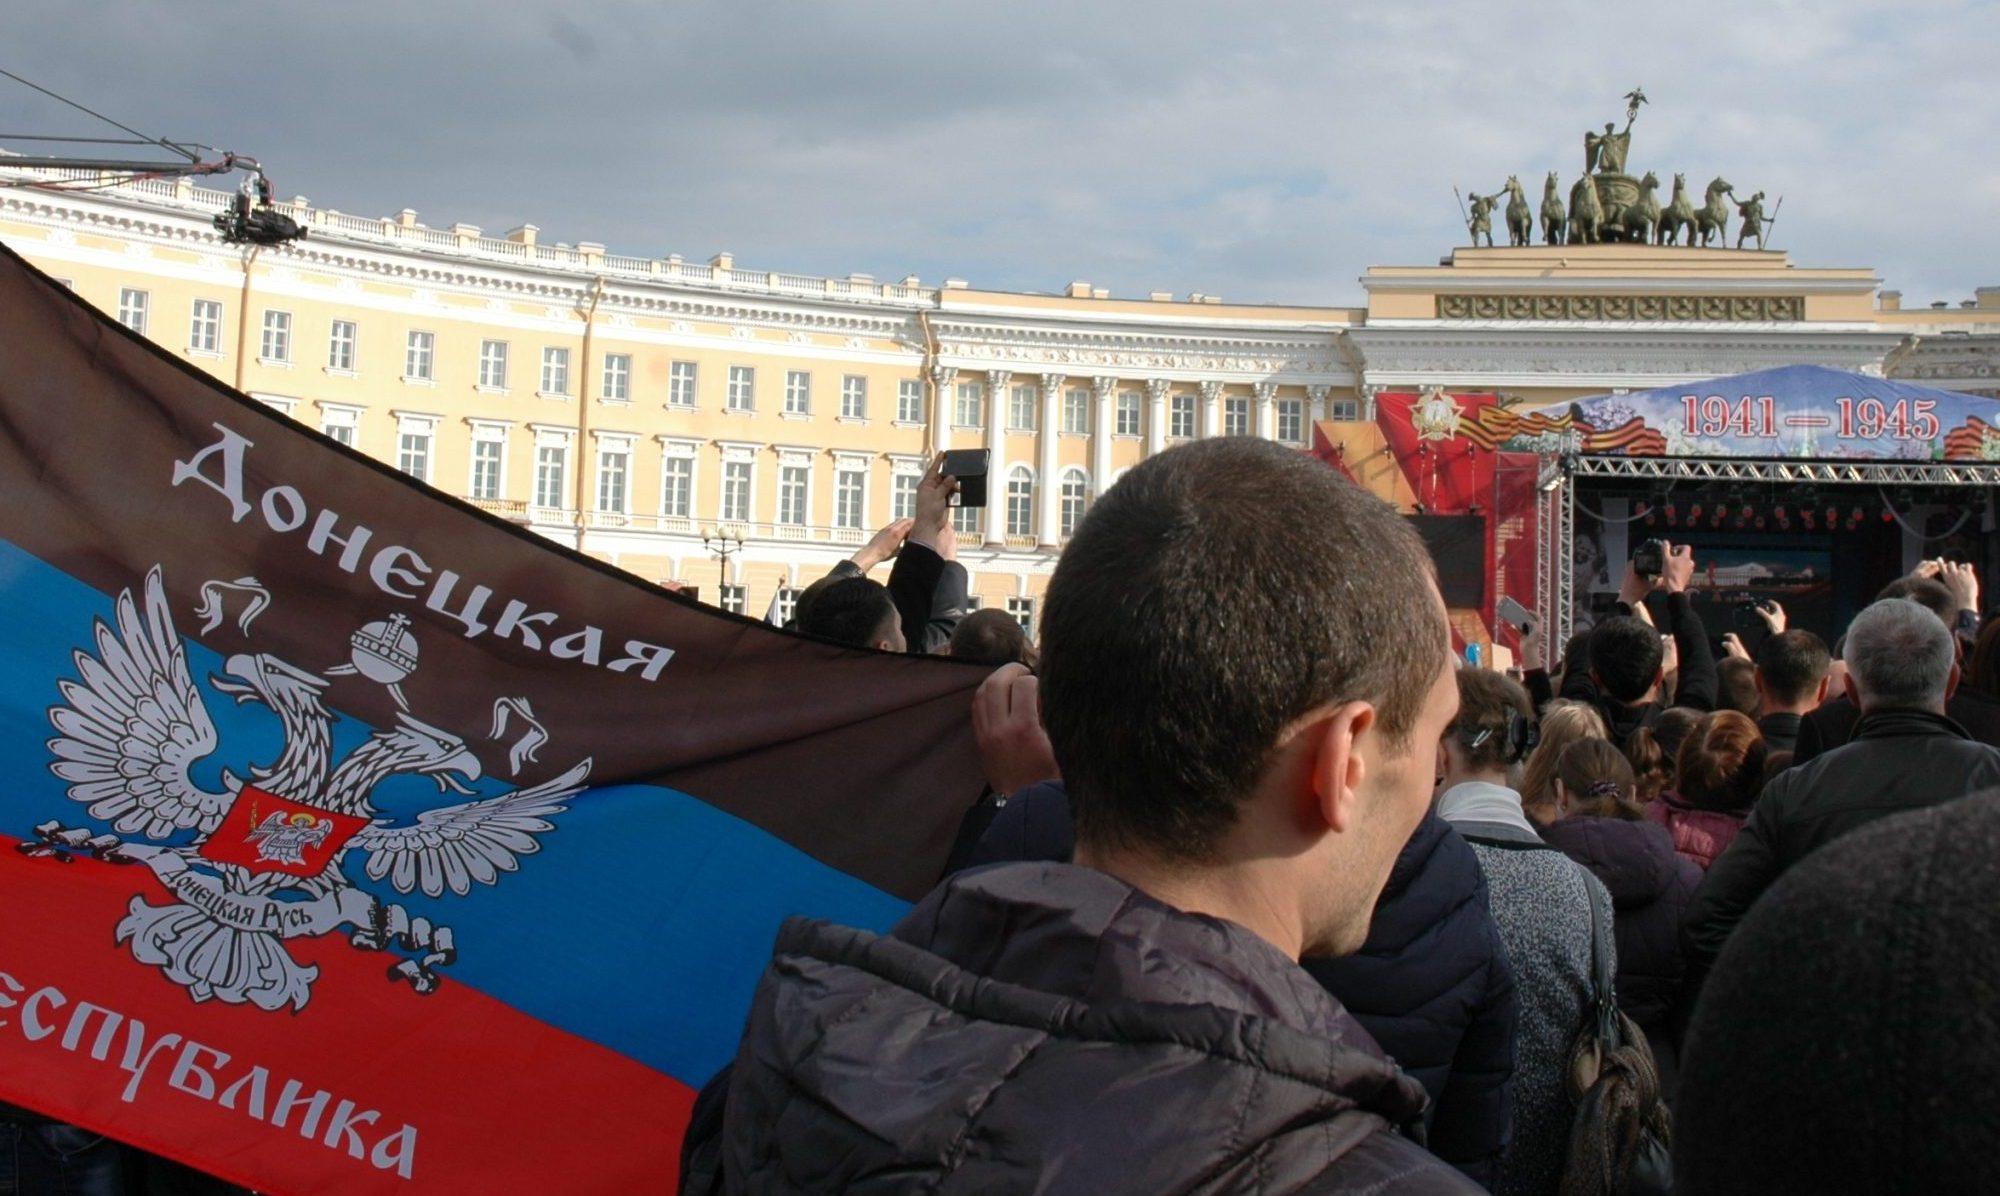 Lippua pitelevä mies ihmisten täyttämällä aukiolla.